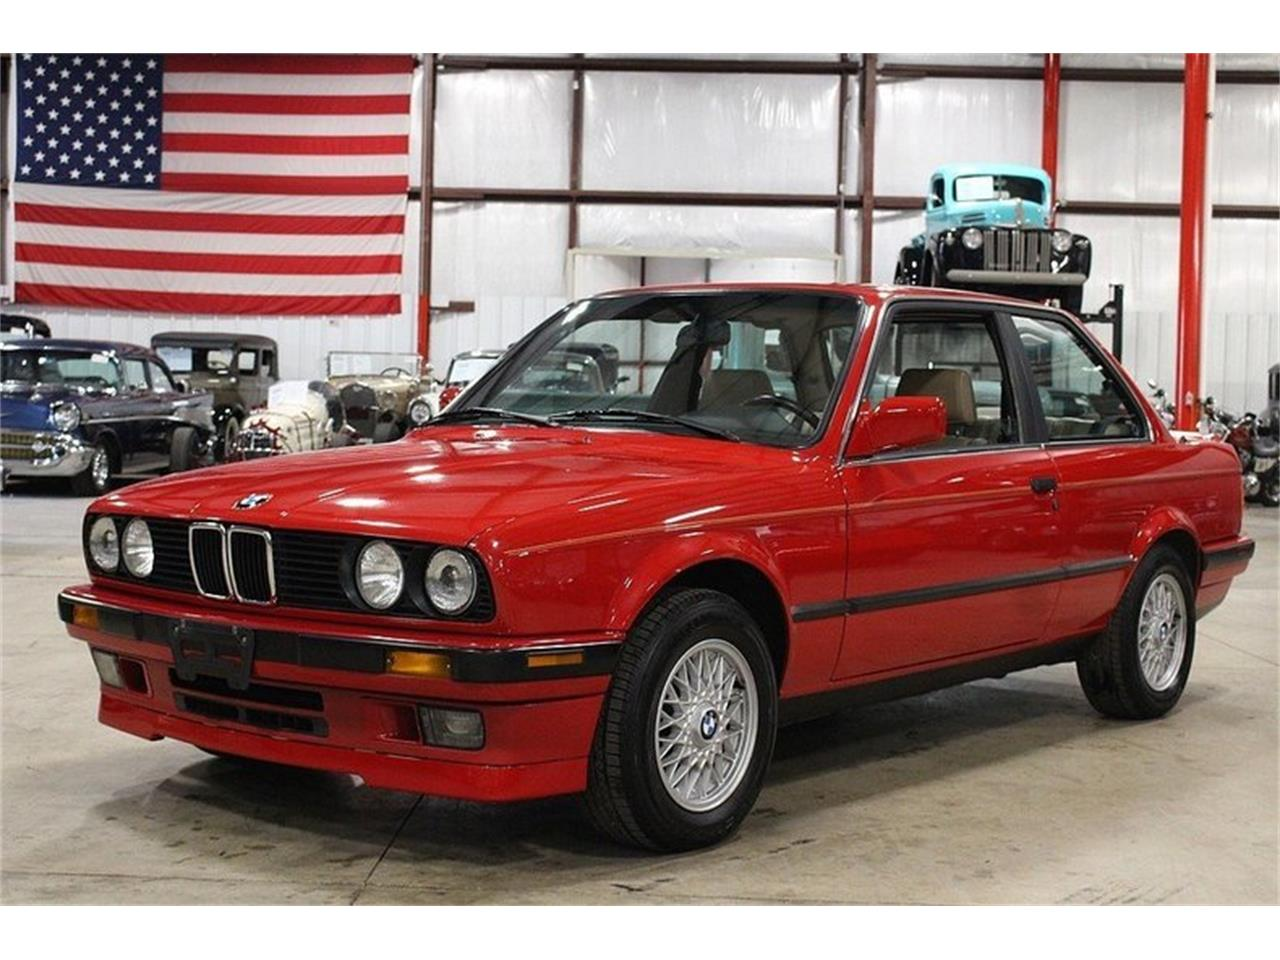 Bmw 325i For Sale >> 1989 Bmw 325i For Sale Classiccars Com Cc 1041976